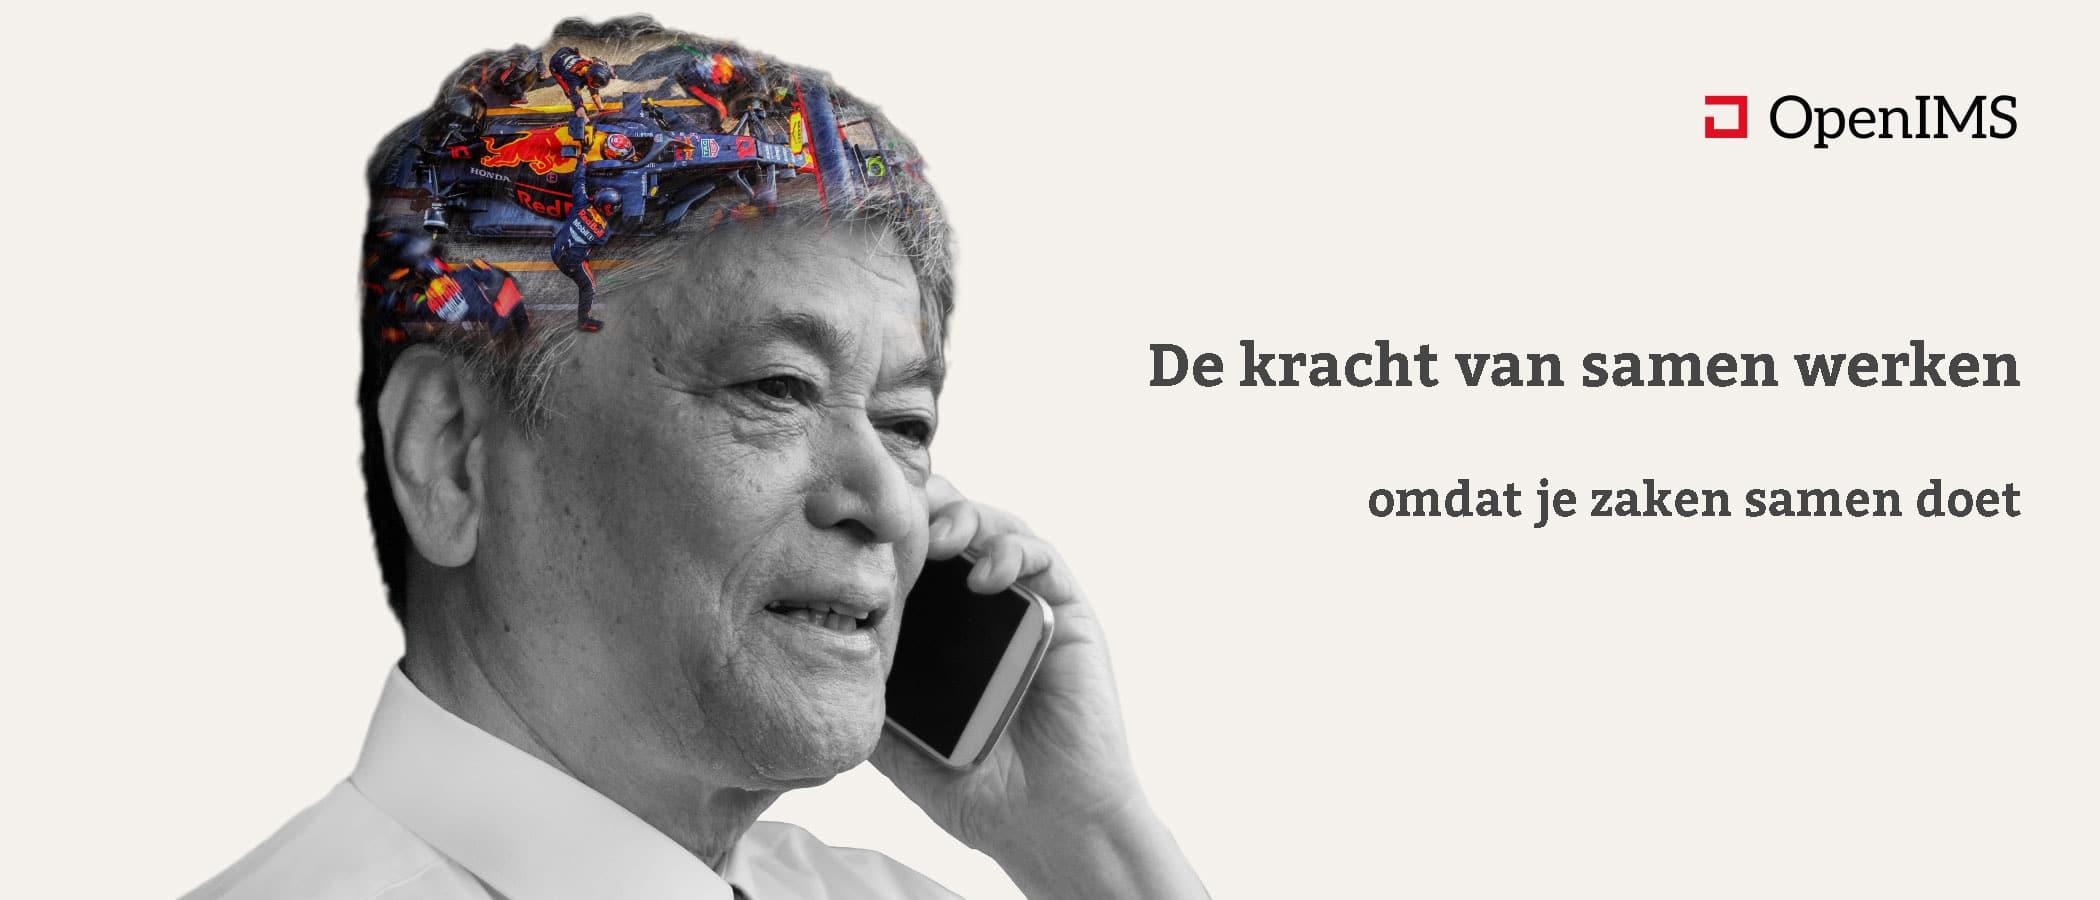 https://ldrt.nl/wp-content/uploads/2019/05/o-samenwerken-B-v0001-Tekst.jpg